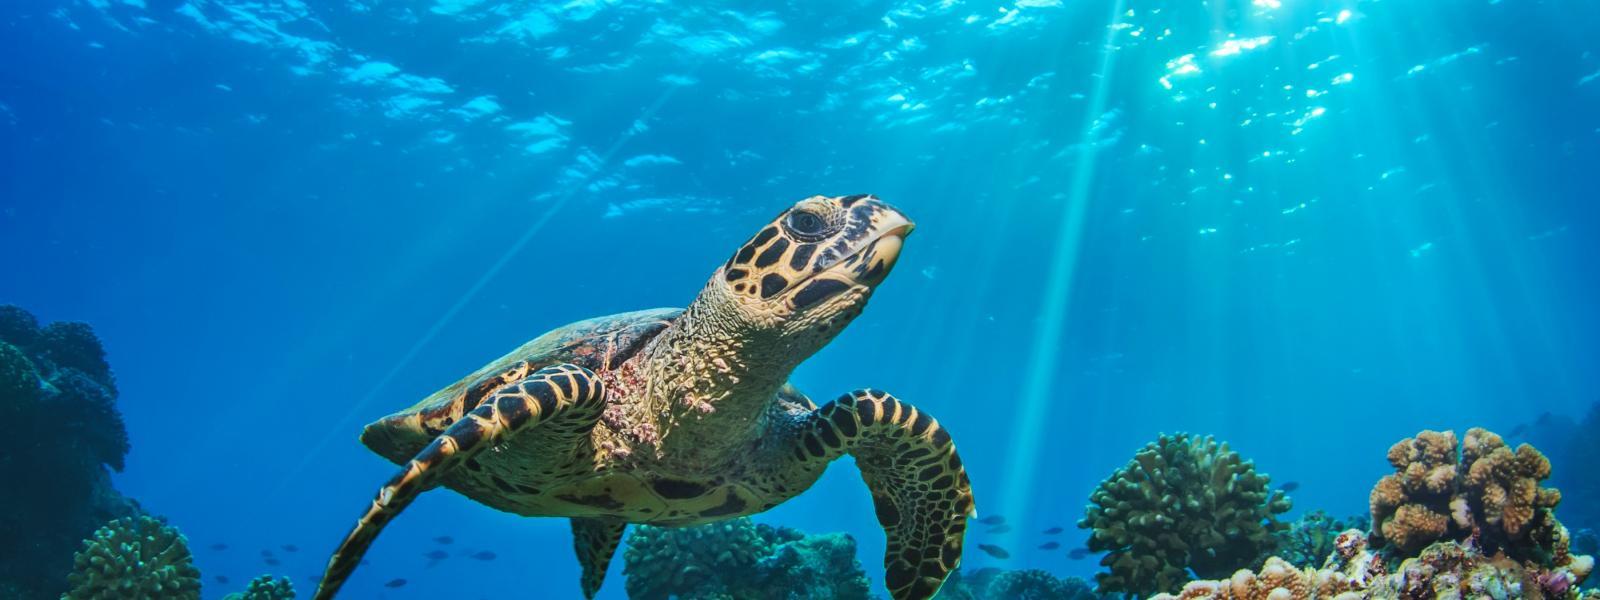 tortuga marina flotando sobre arrecifes de coral